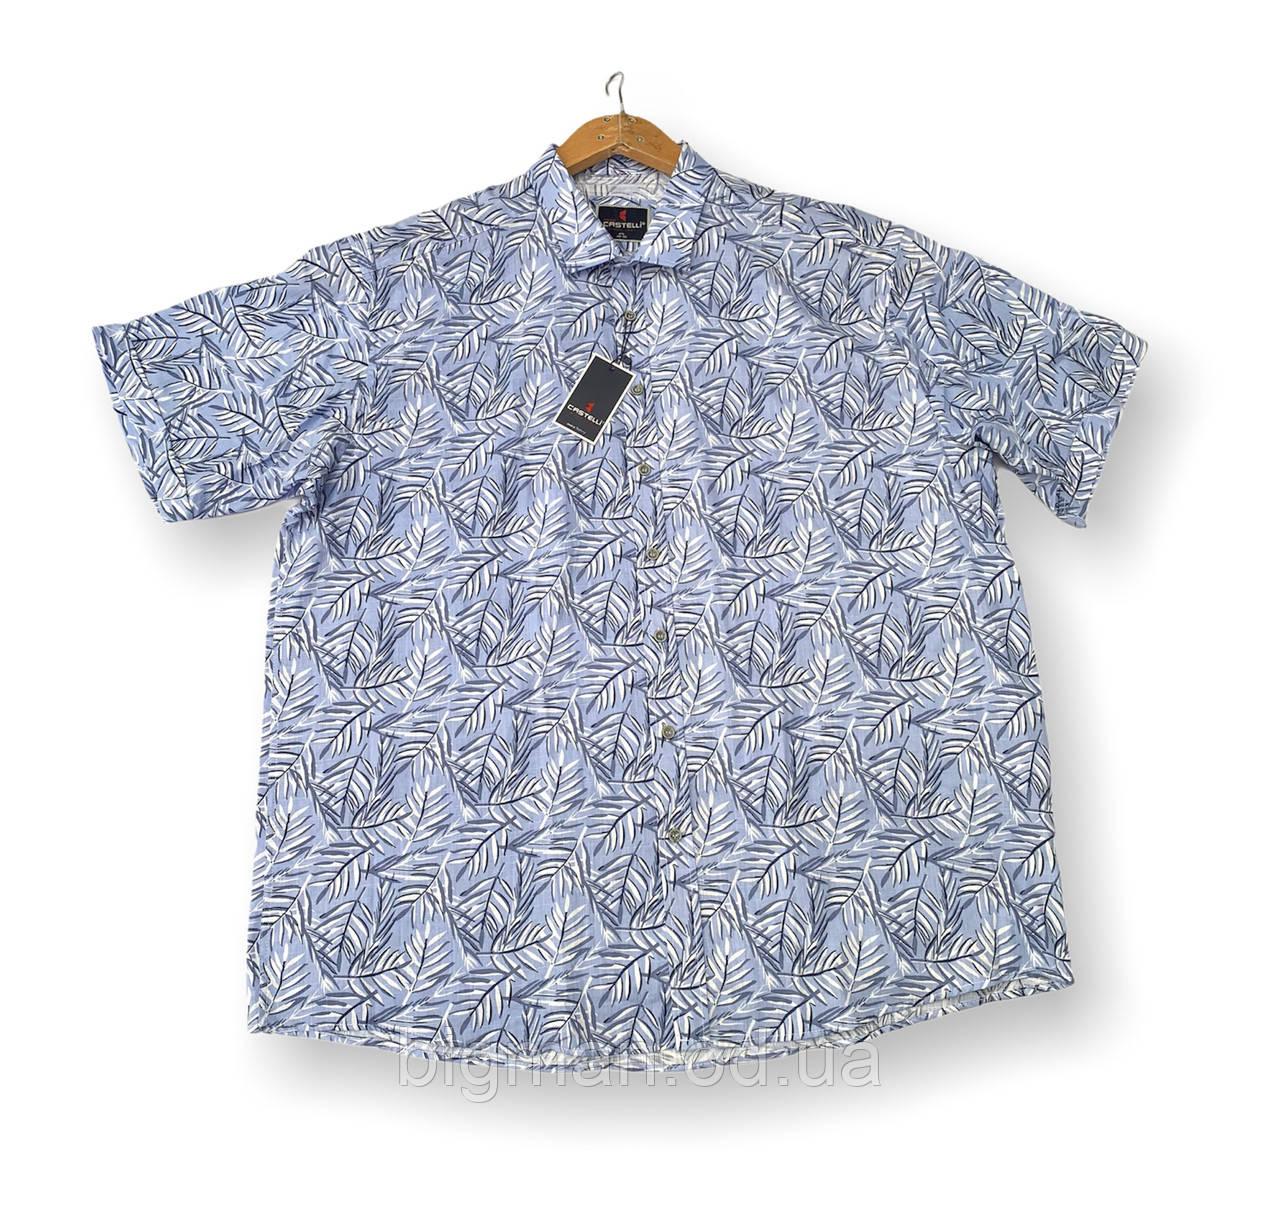 Мужская рубашка с коротким рукавом батальная синяя лен большие размеры (2XL 3XL 4XL 6XL)Турция Castelli